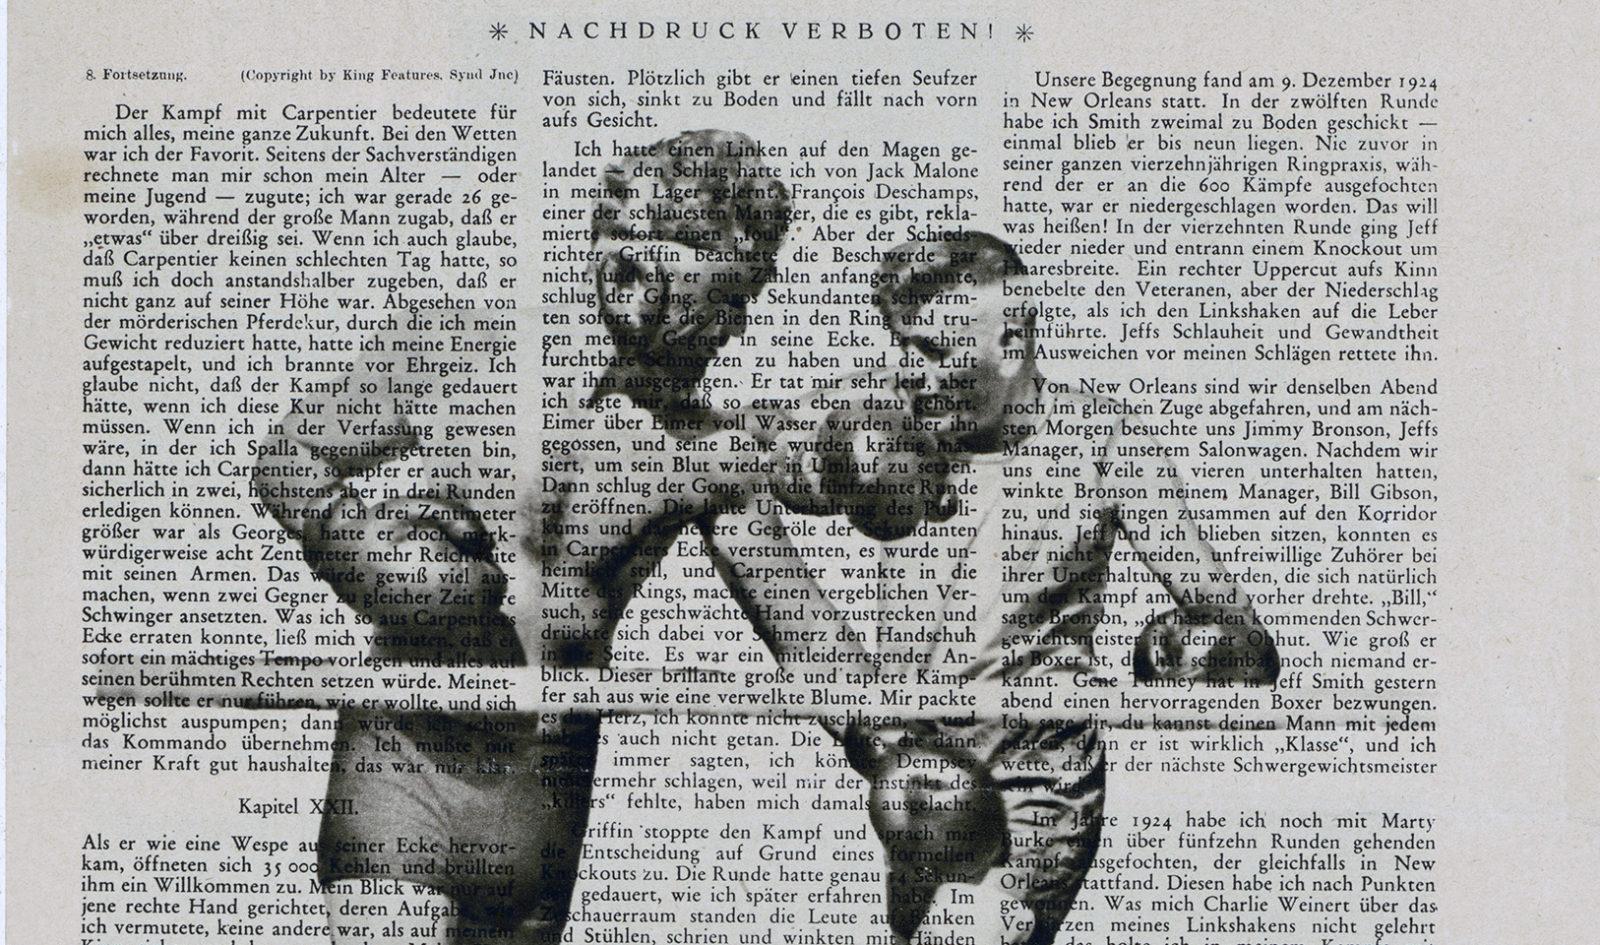 Csöndes szenzáció: berlini kiállítás Moholy-Nagy tipográfiai munkásságáról